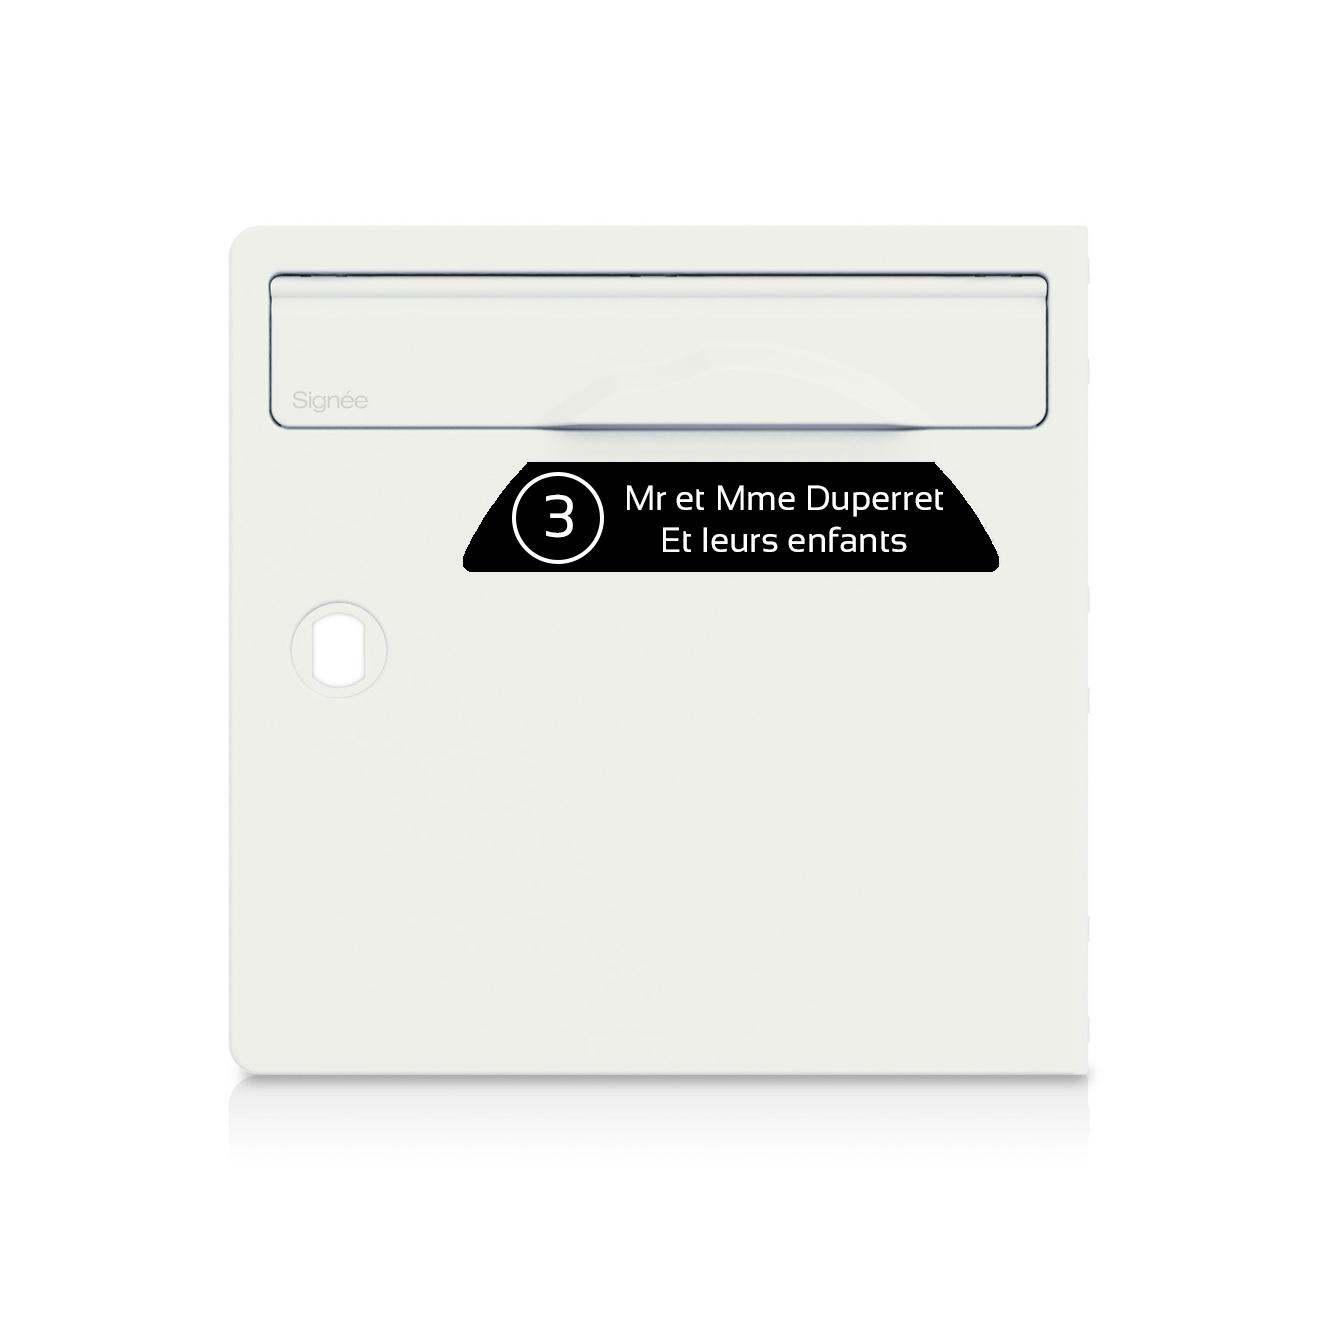 plaque boite aux lettres Signée NUMERO noire lettres blanches - 2 lignes